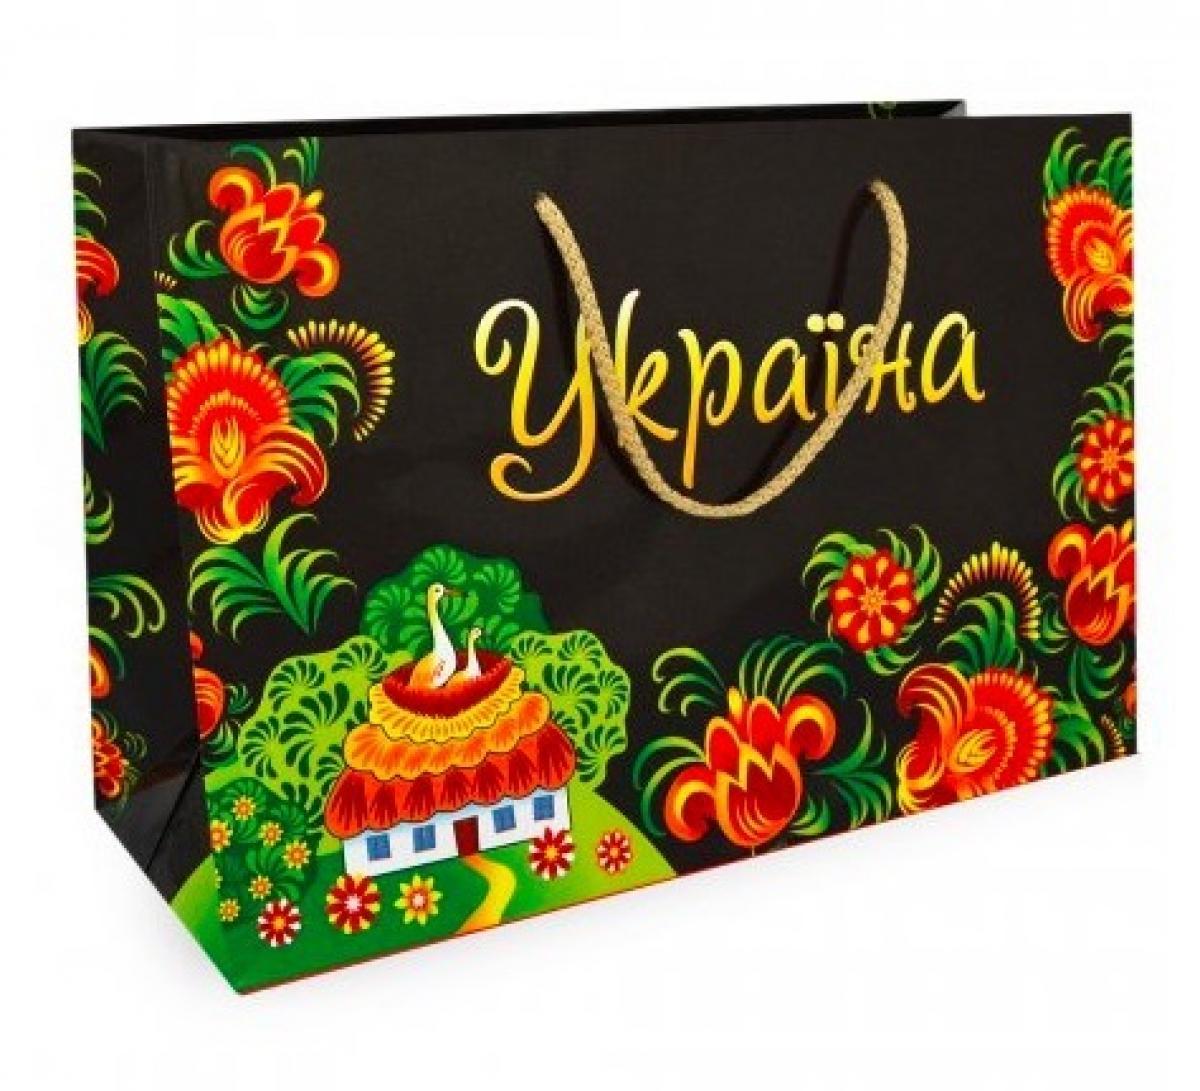 Пакет подарочный Украина - 20 х 30 см. Фото №1. | Народный дом Украина